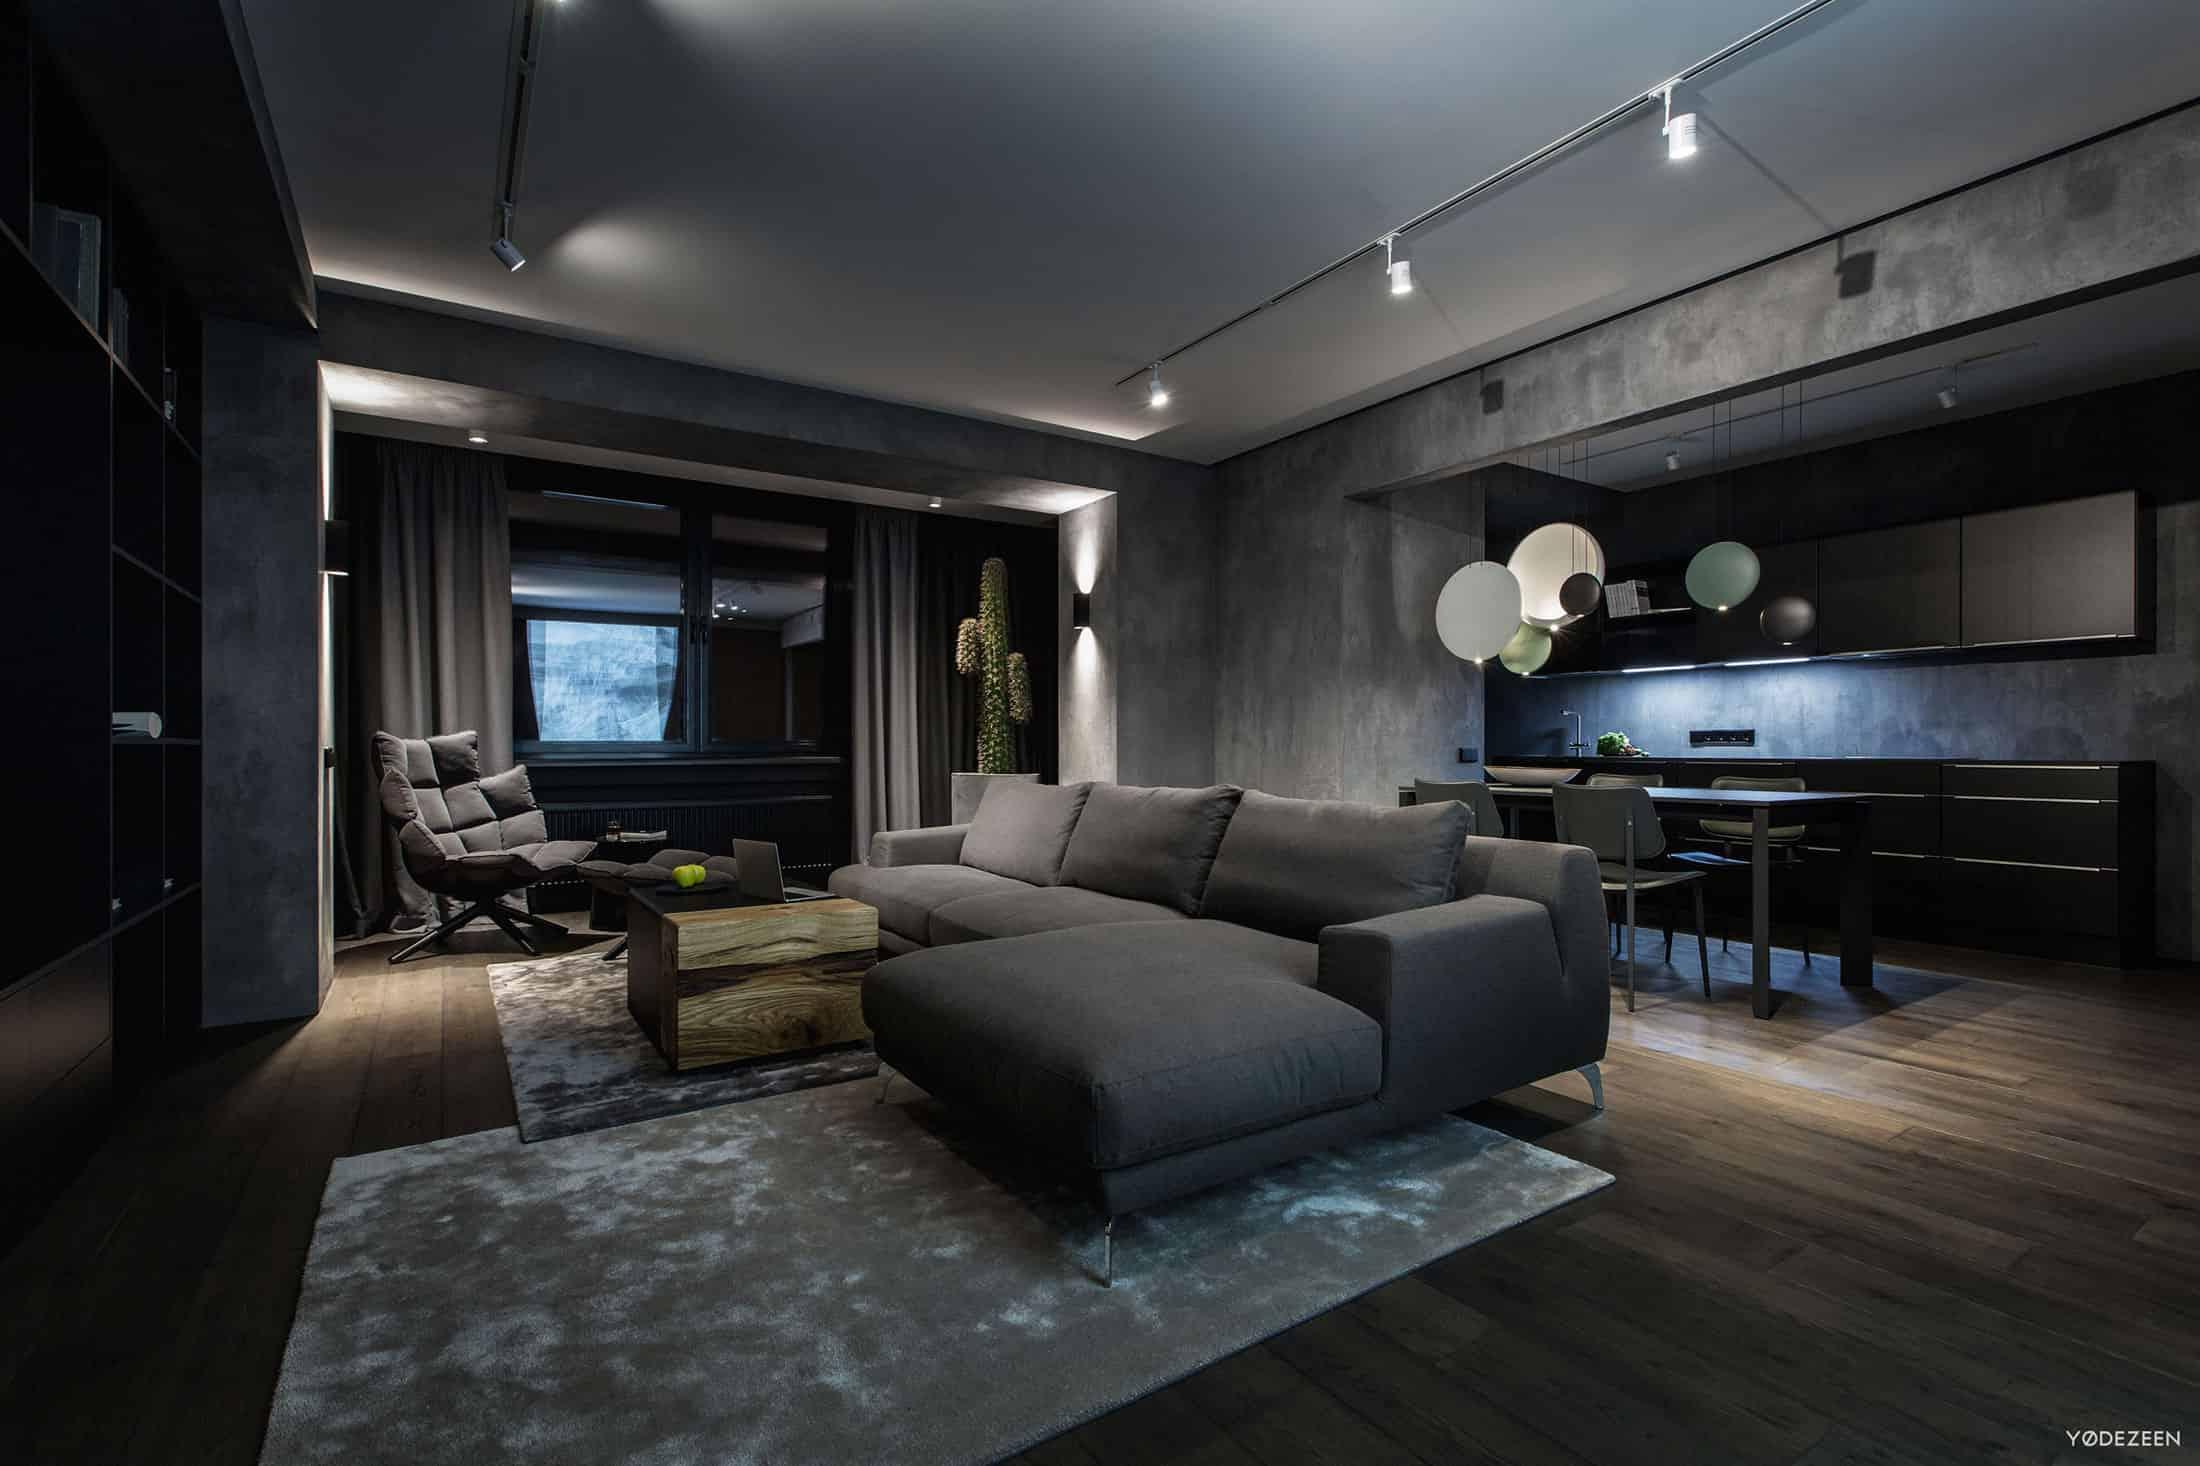 A Modern Home Interior in Kiev Ukraine